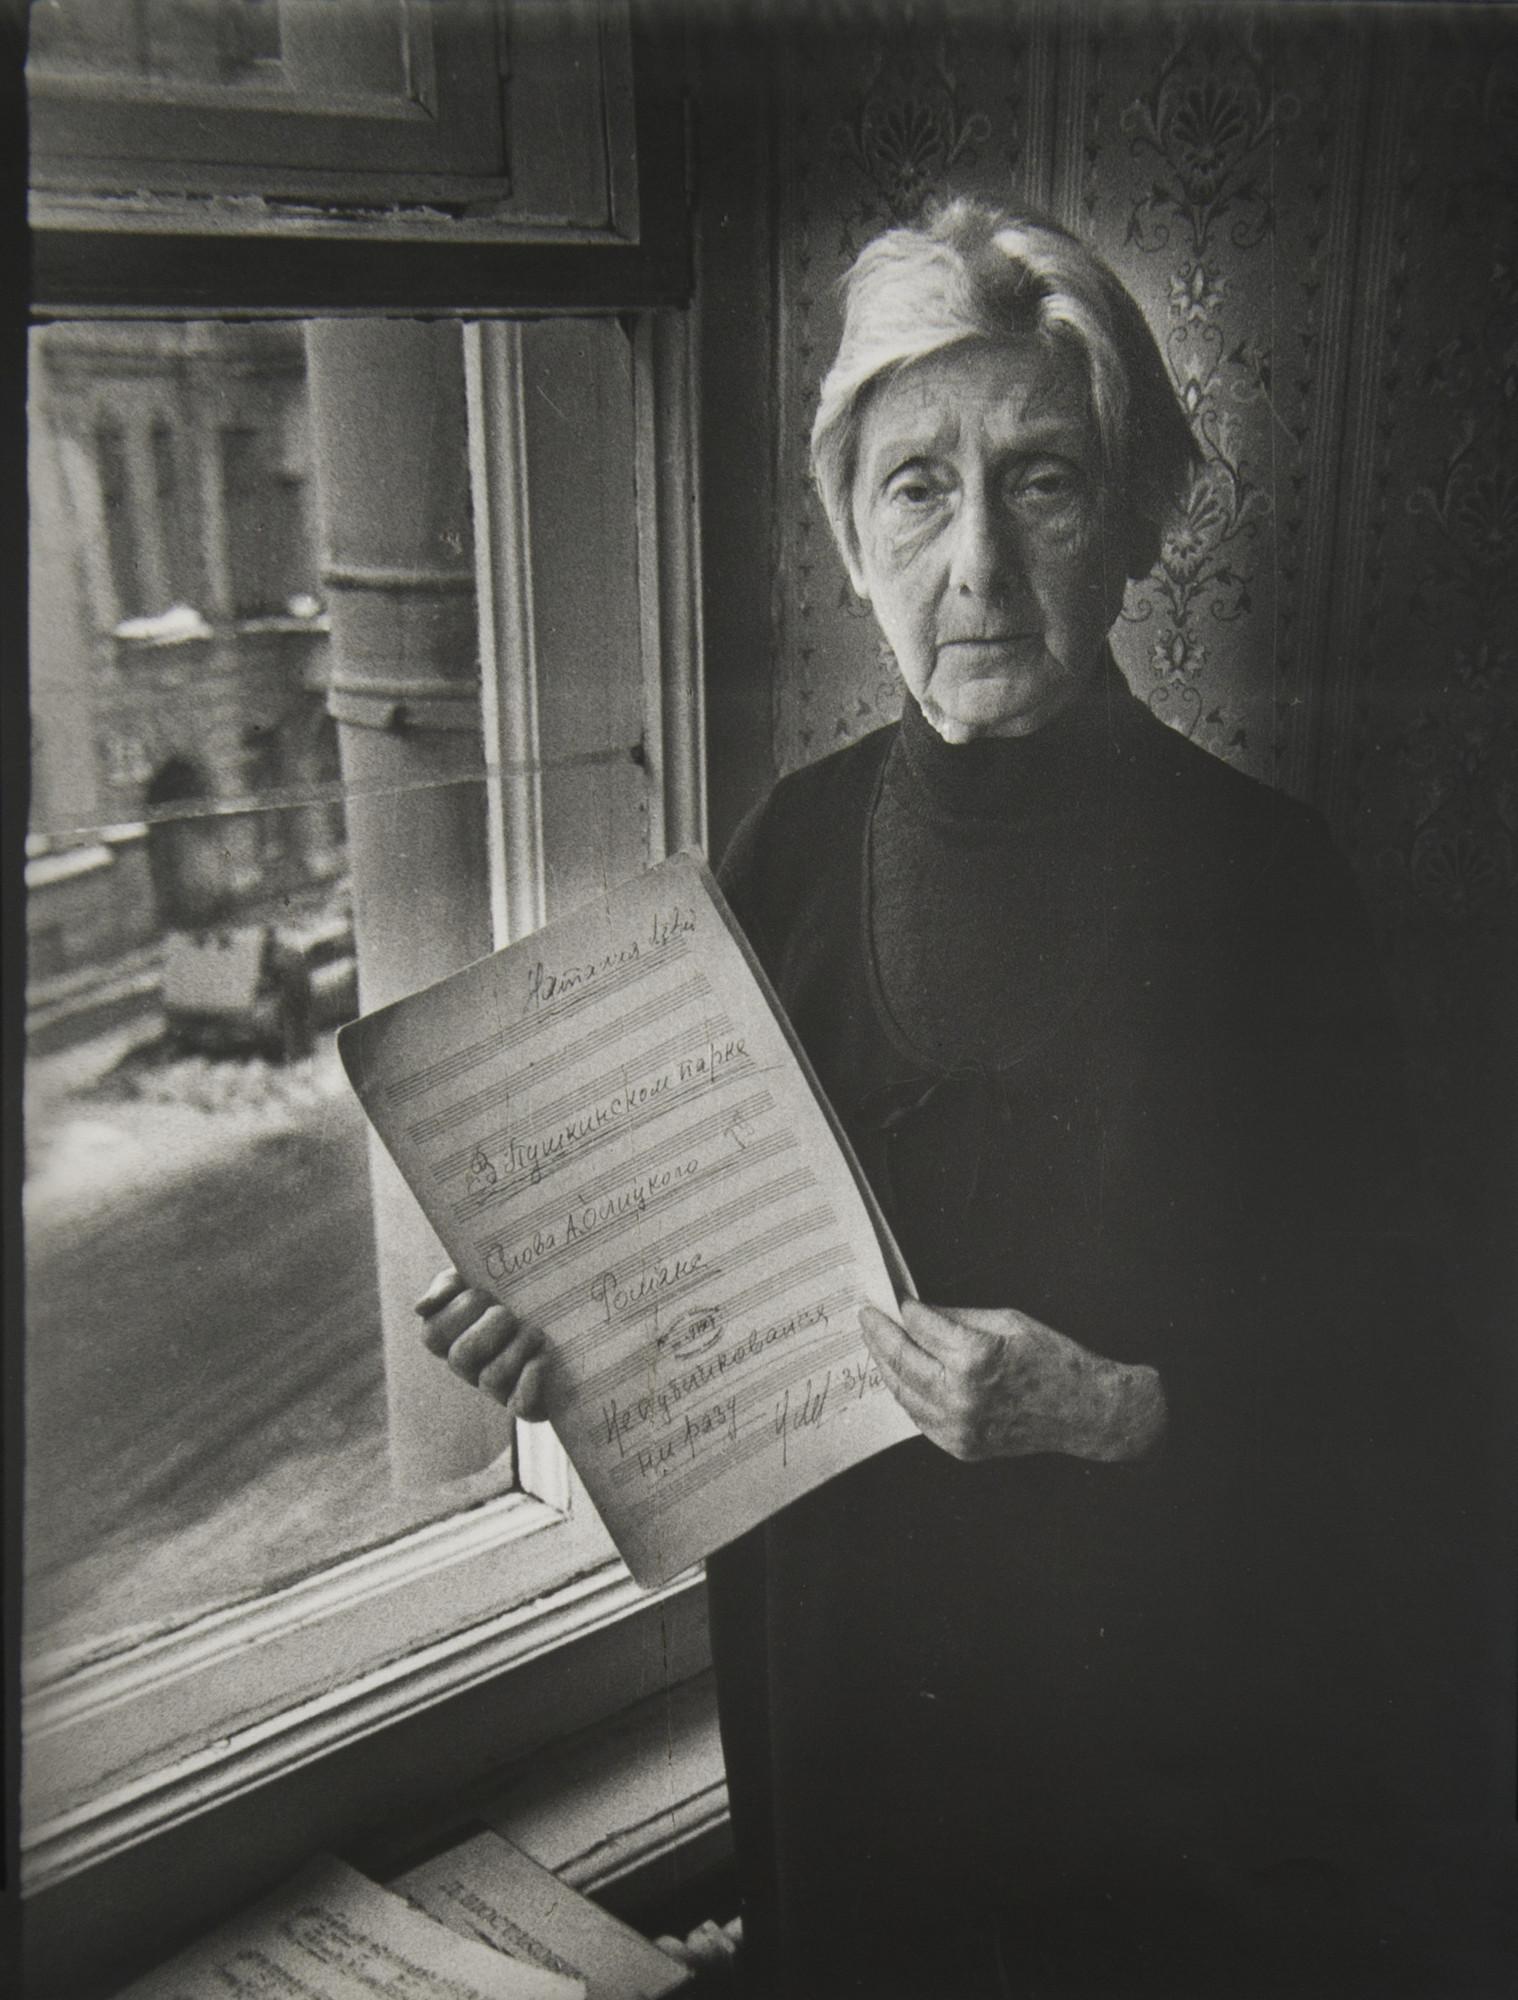 Б. Г. Михалевкин.  Мириам Рудова (Из серии «Женщины блокадного города») 1985